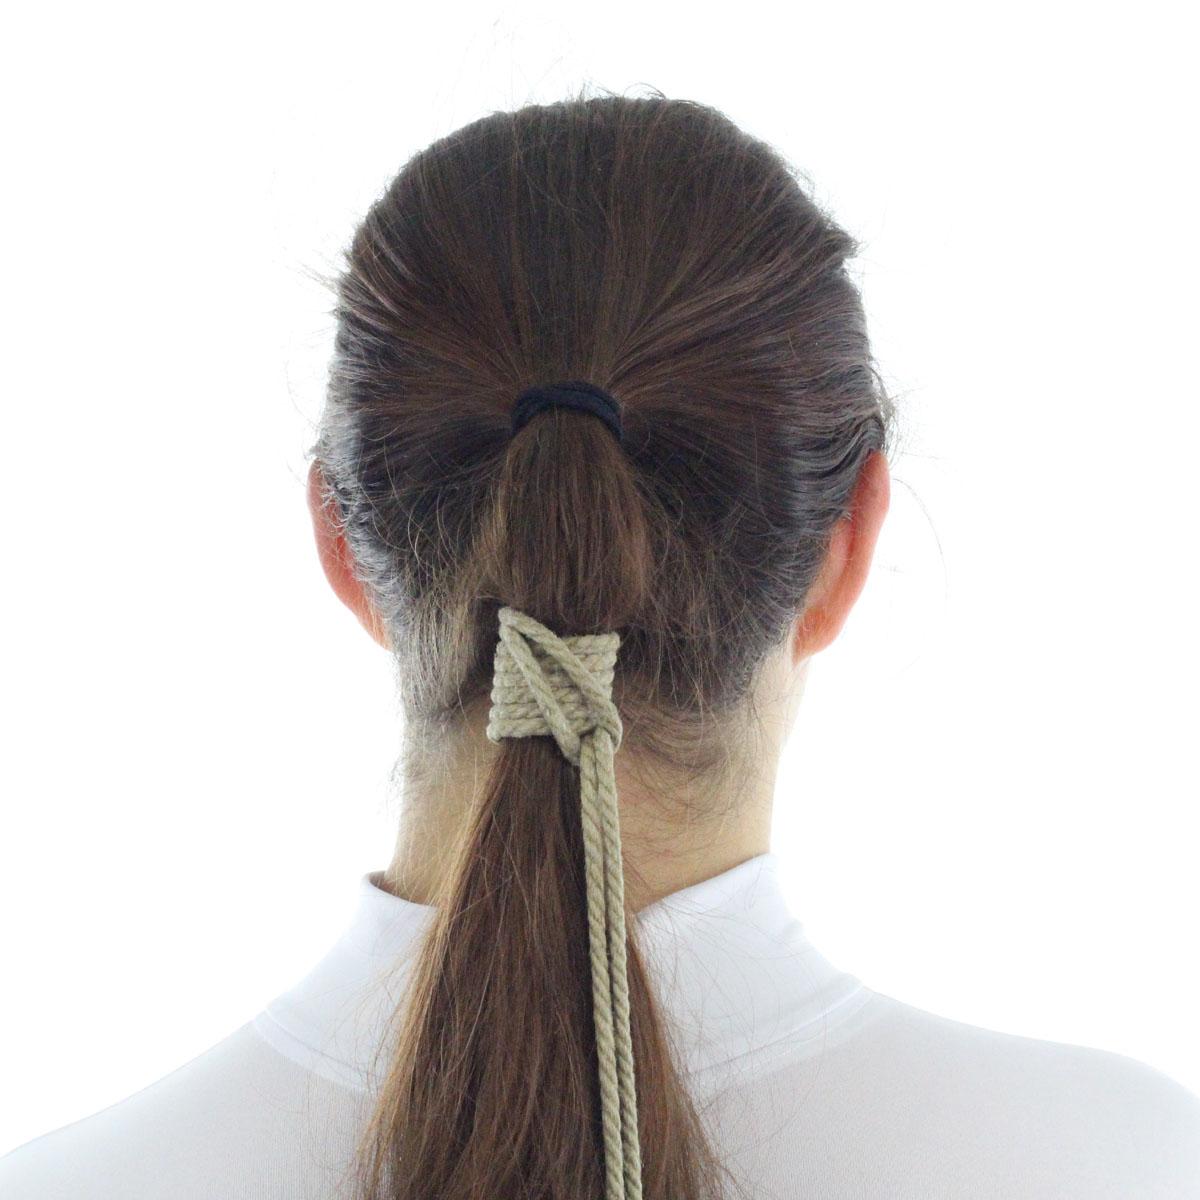 Klemheist-Hair-Tie